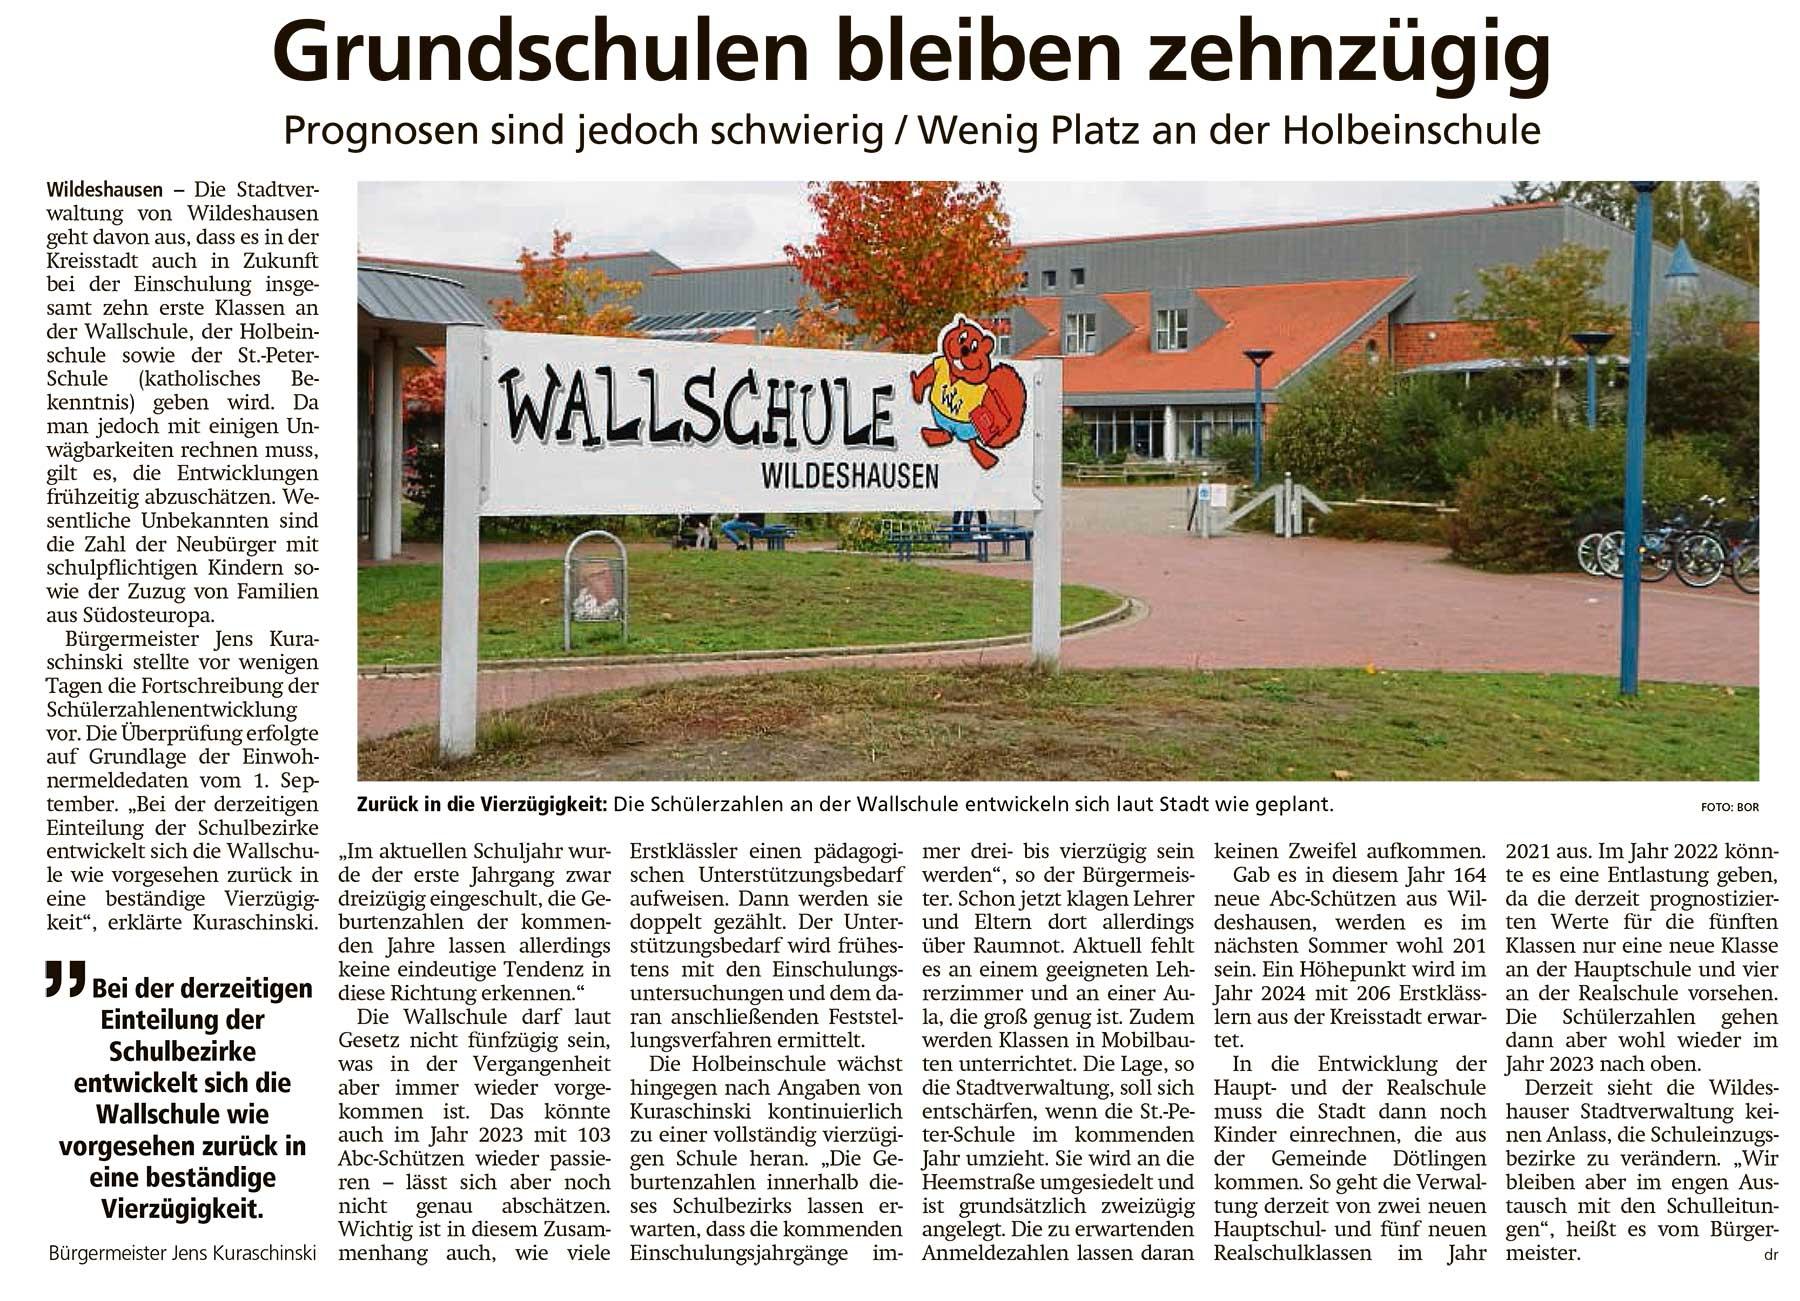 Grundschulen bleiben zehnzügigPrognosen sind jedoch schwierig / Wenig Platz an der HolbeinschuleArtikel vom 07.10.2020 (WZ)